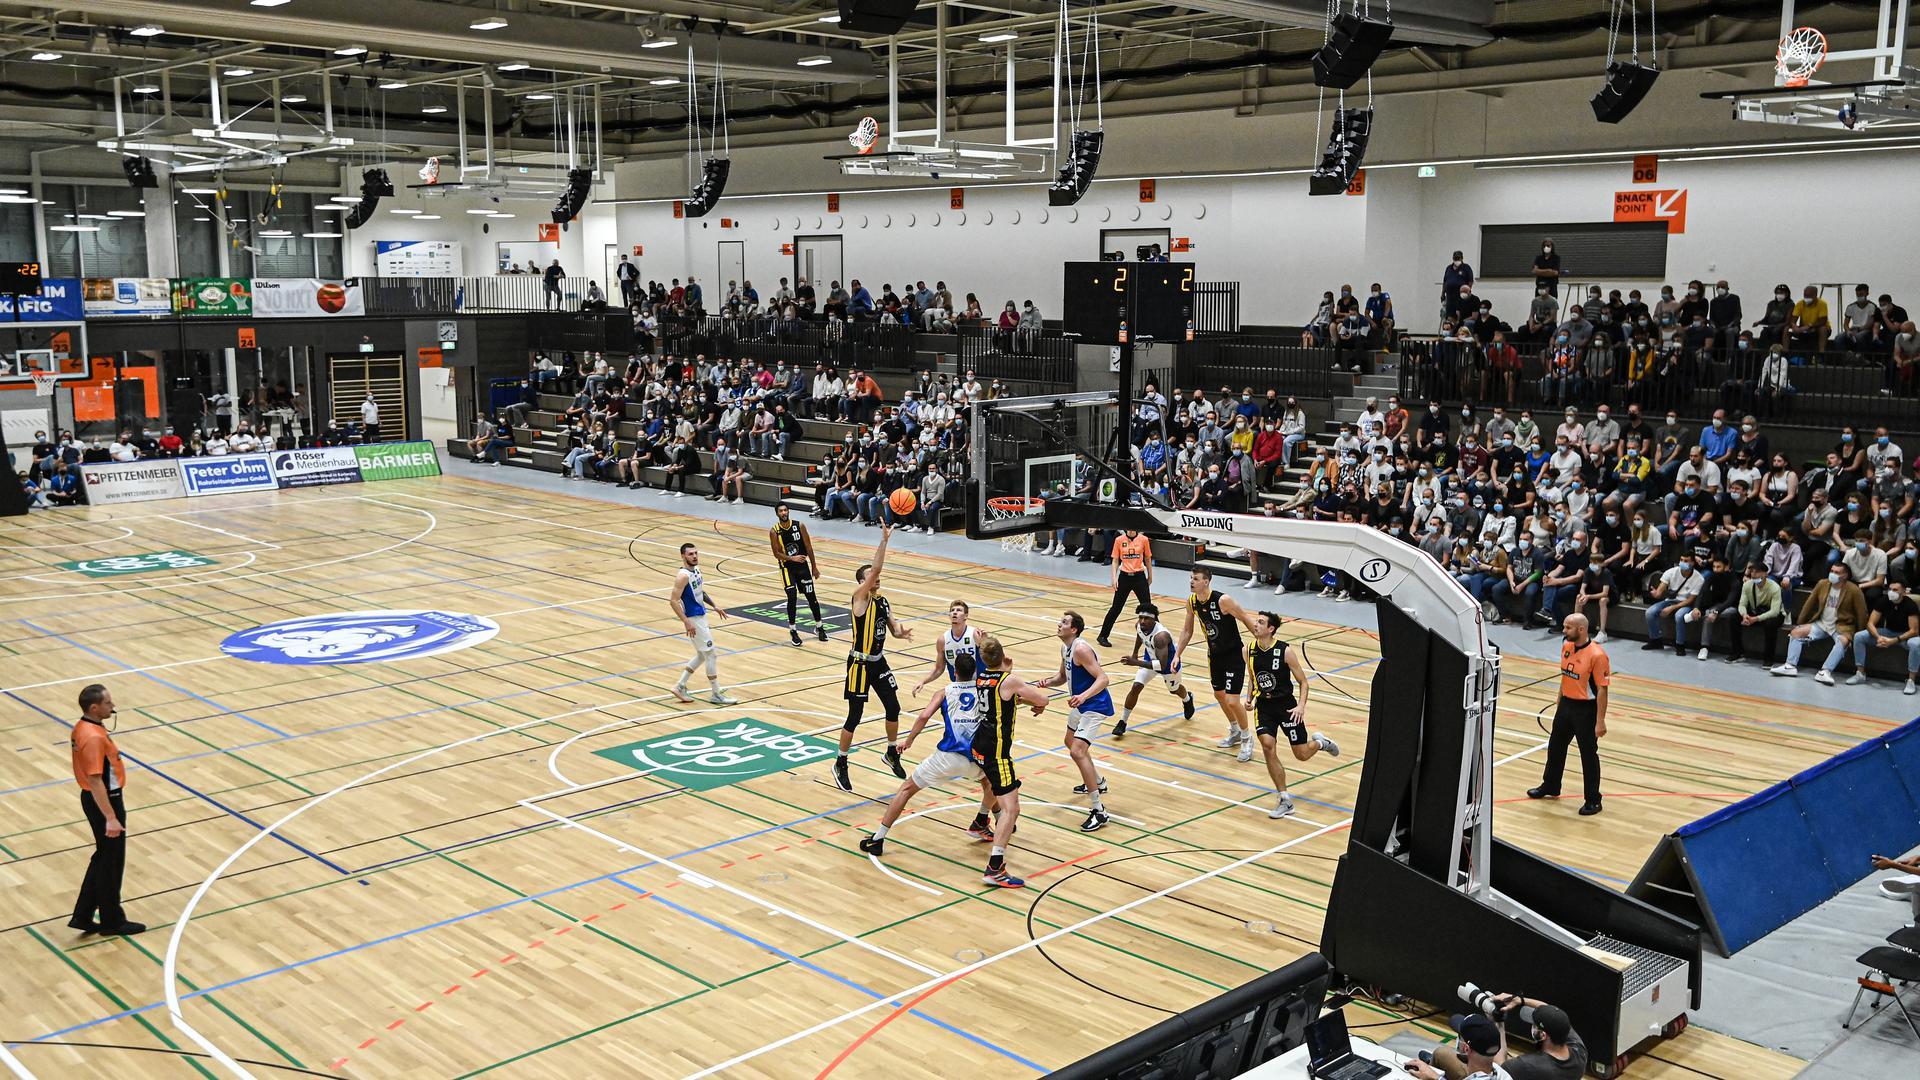 Die Lina-Radke-Halle in Karlsruhe feierte beim Heimsieg der PSK Lions gegen die Kirchheim Knights ihre Veranstaltungs-Premiere.